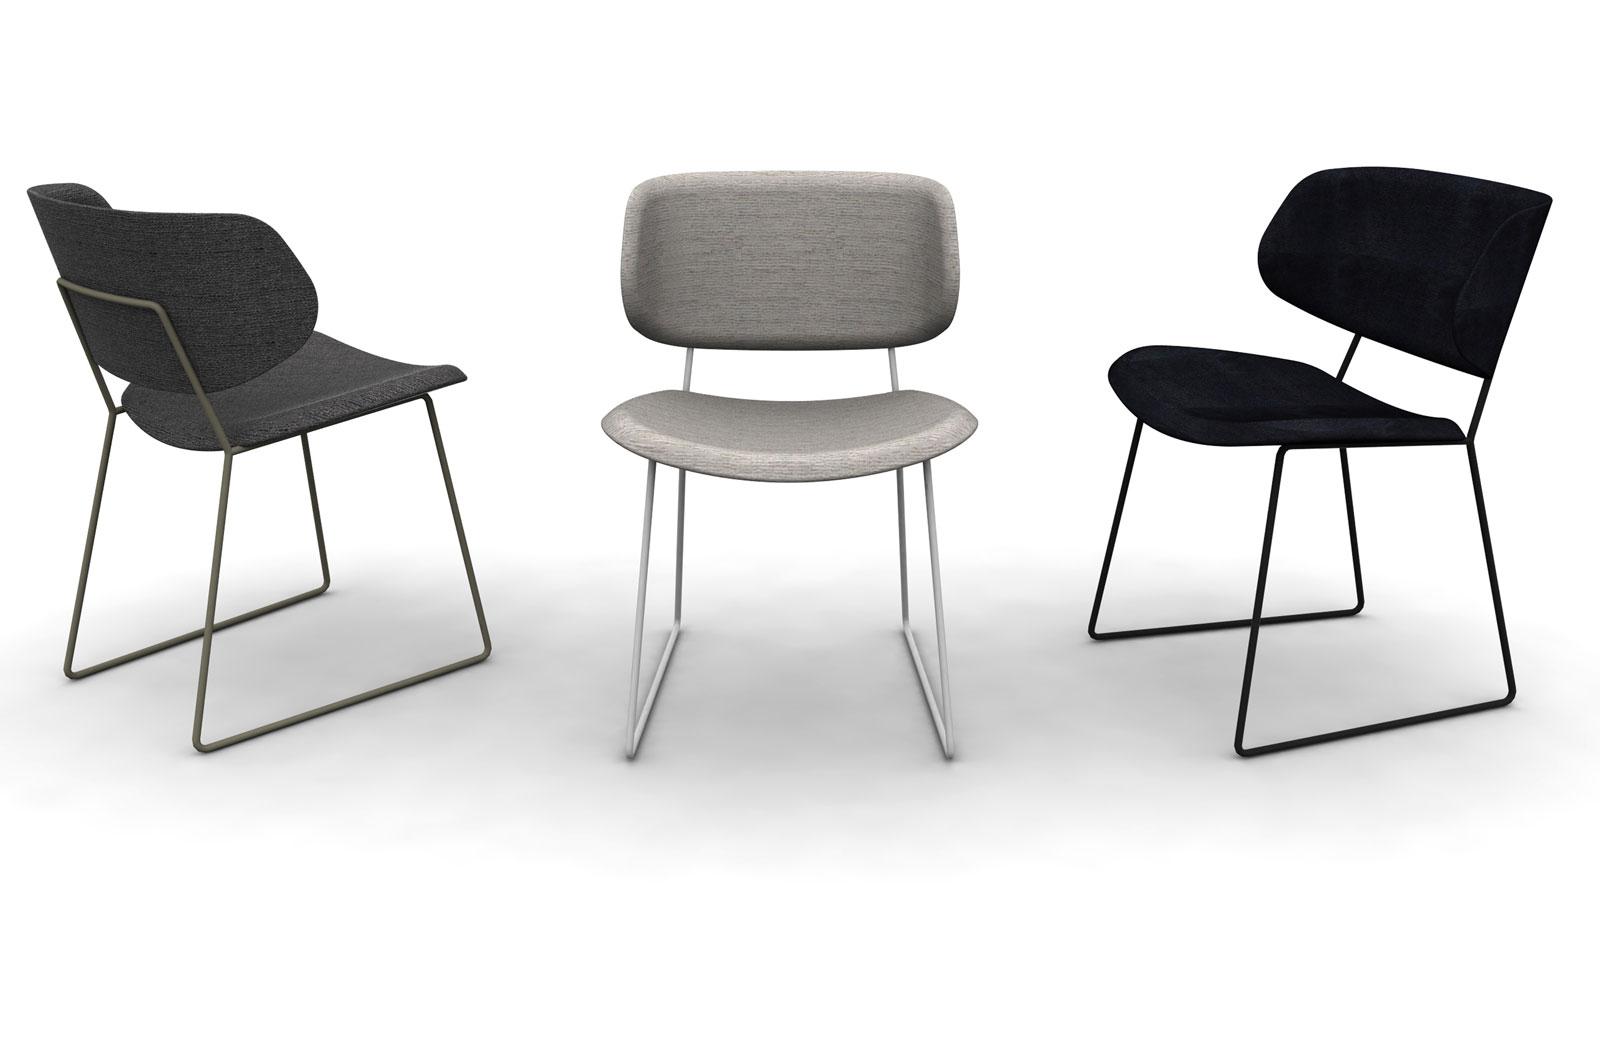 sedie-arredamento-2